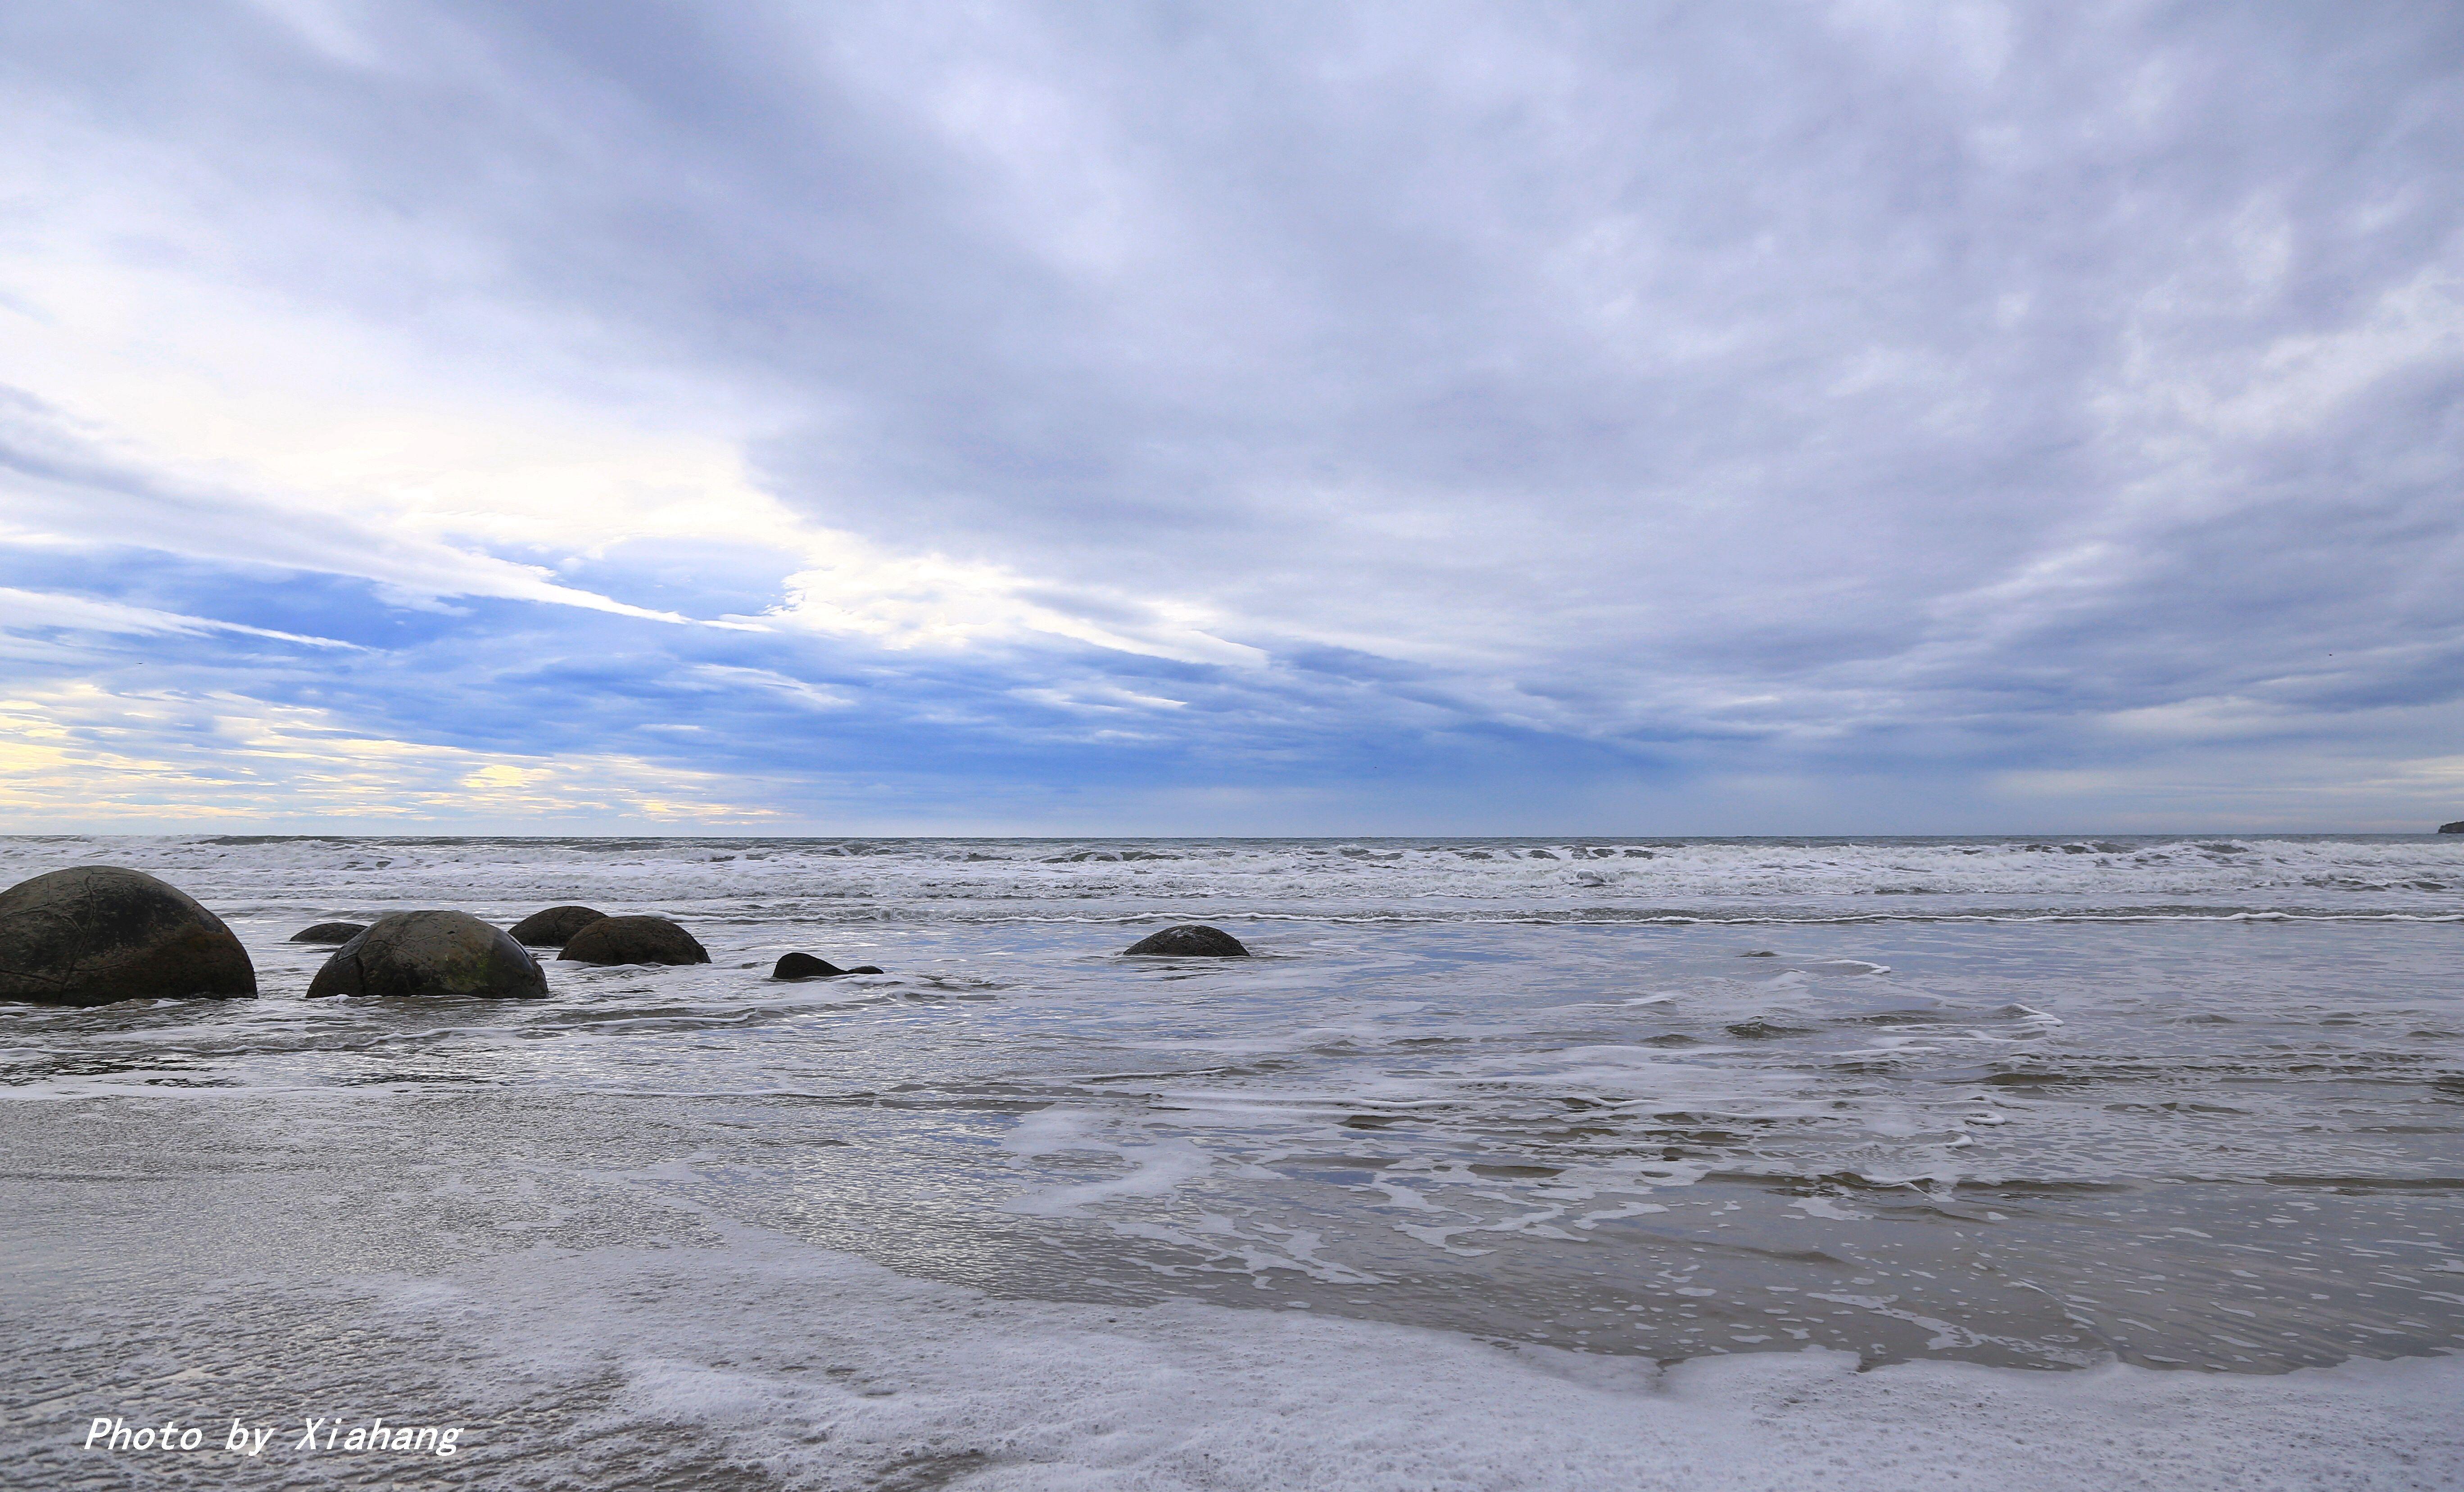 芬兰海滩万颗冰蛋这是真的吗?芬兰海滩万颗冰蛋背后的真相